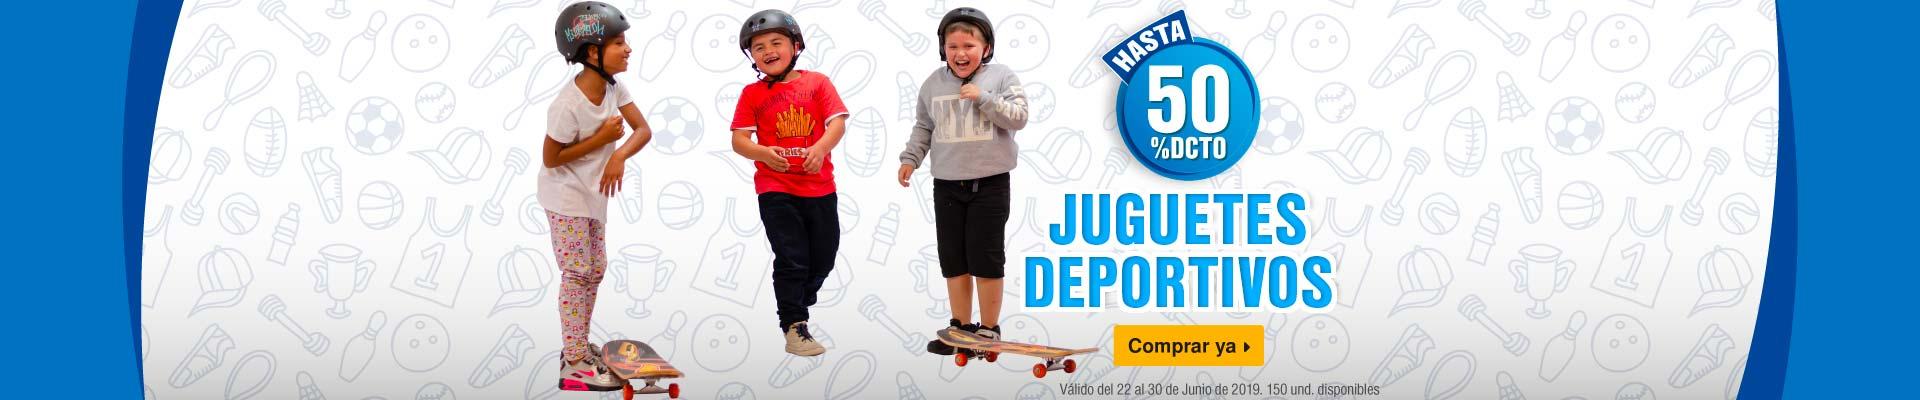 AK-JUGUETES-DEPORTIVOS-HIPER-3-JUN22